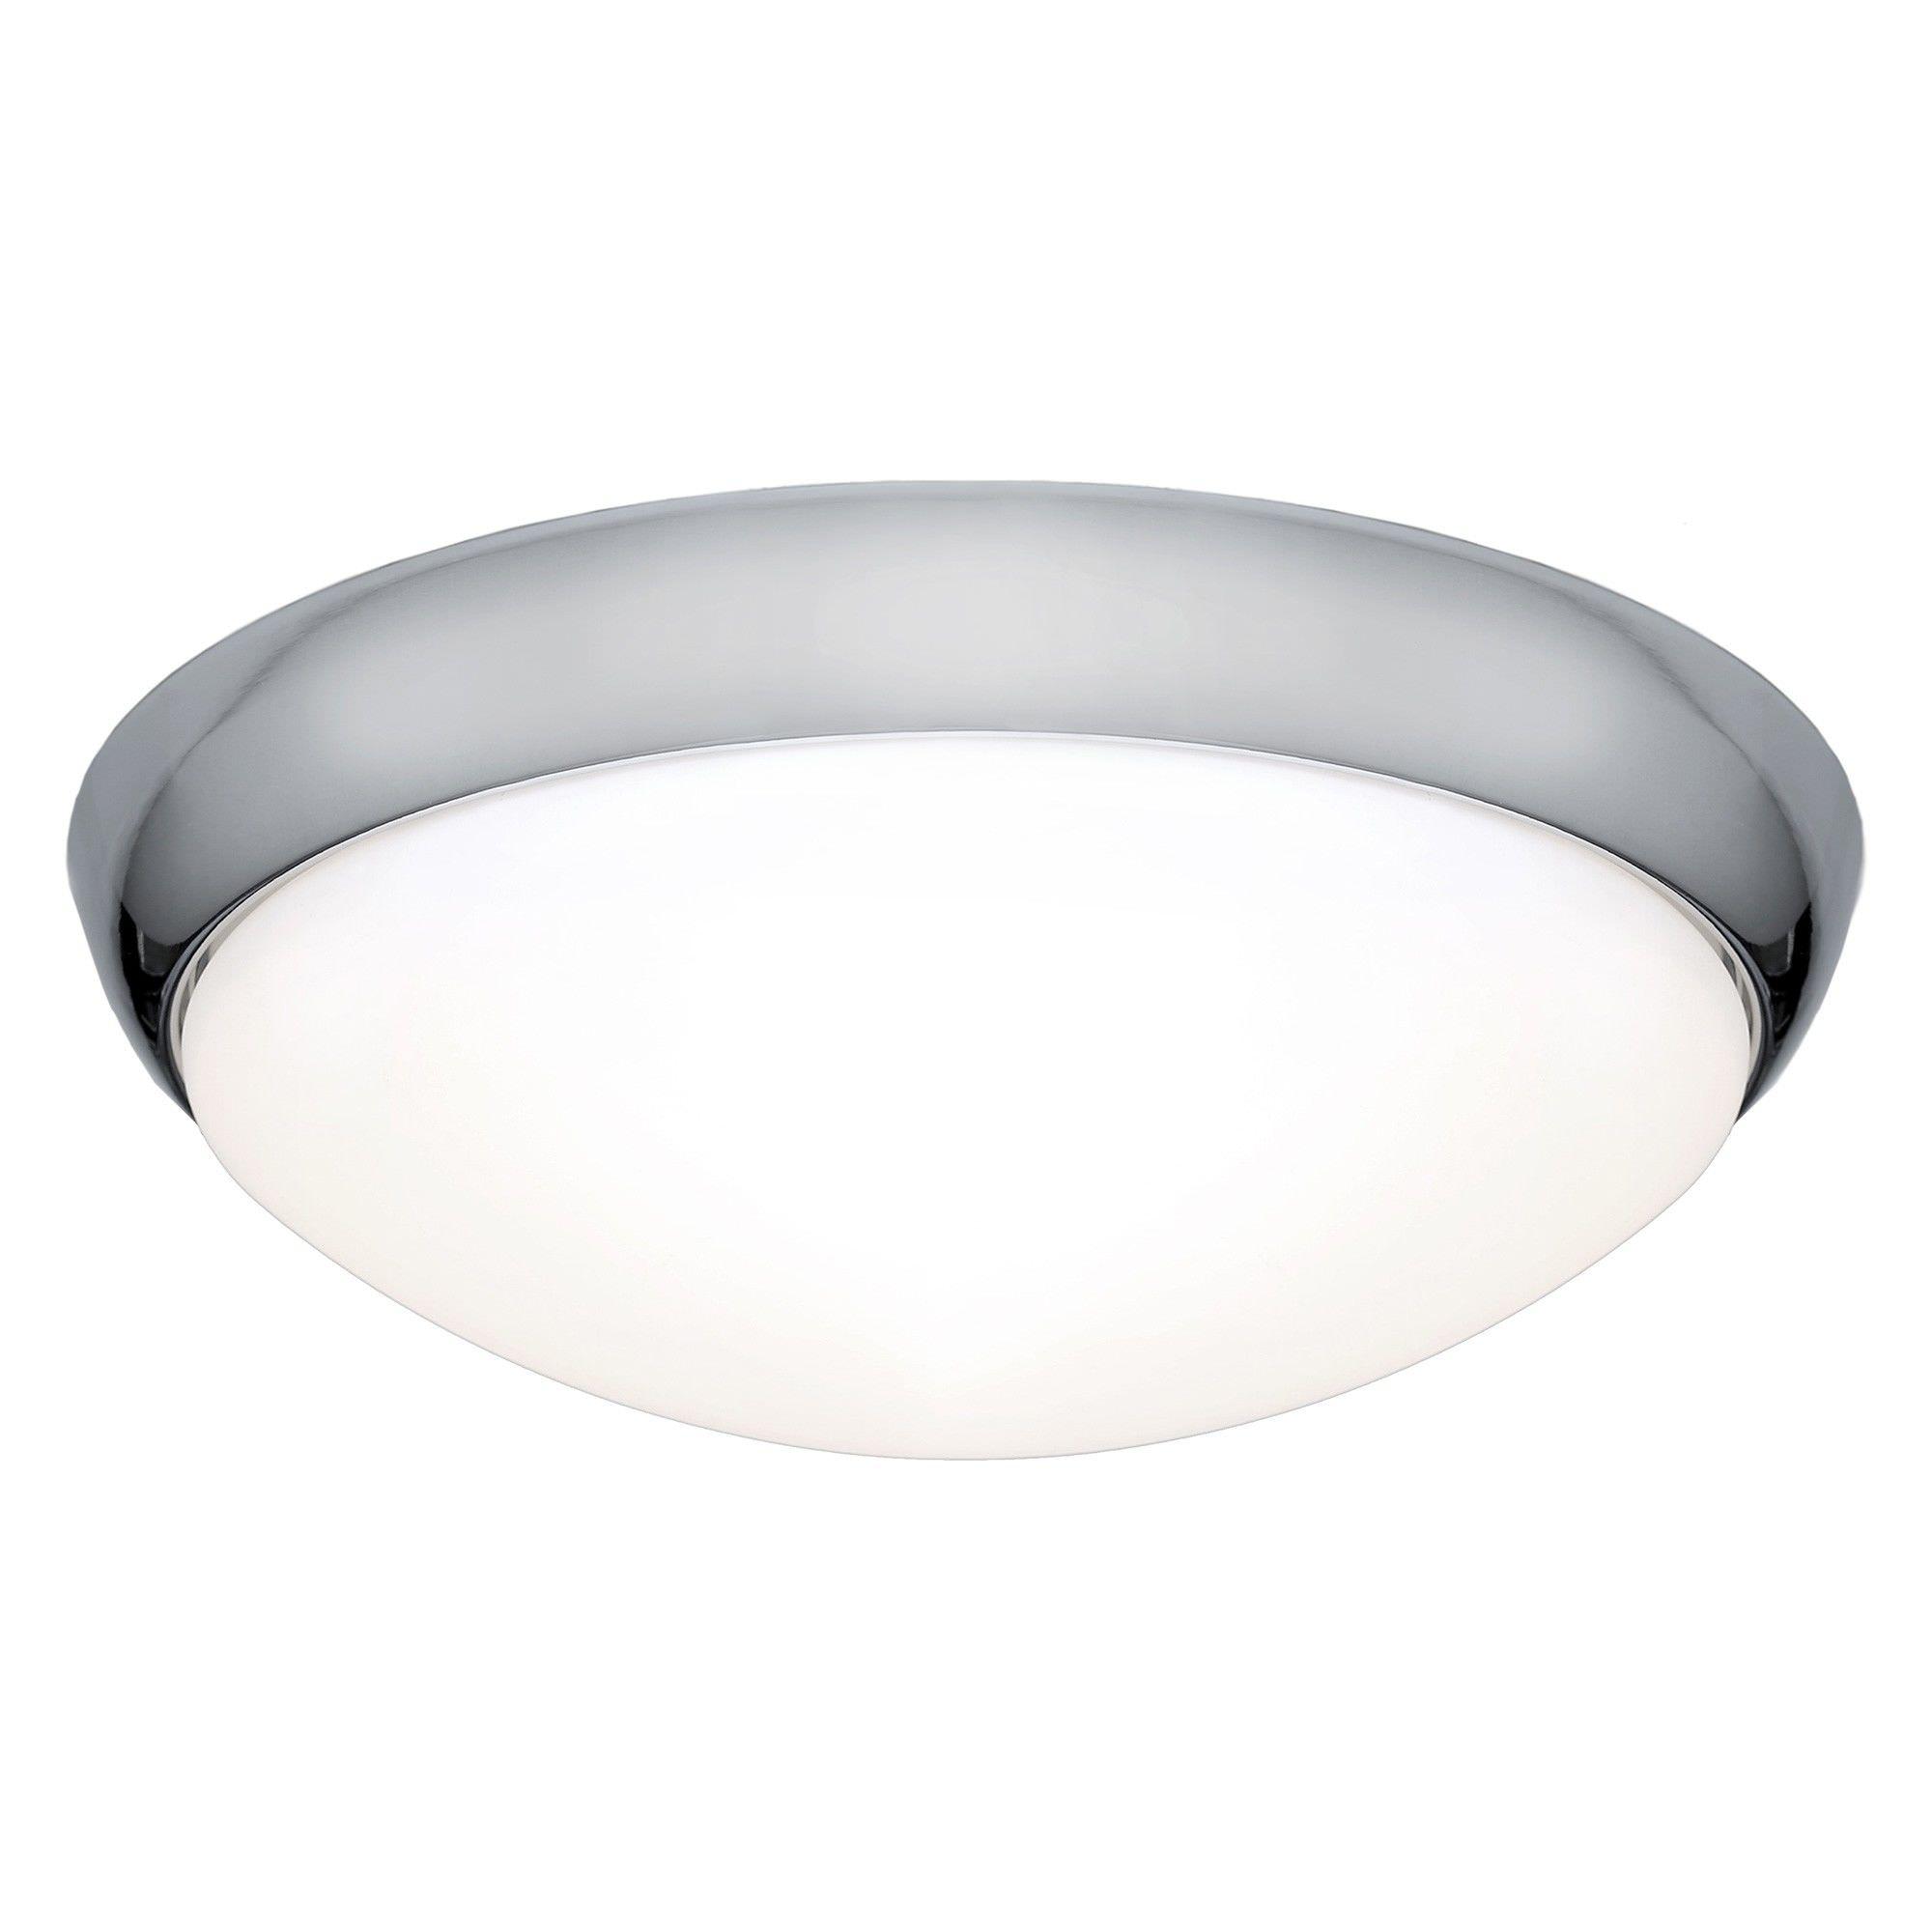 Lancer LED Oyster Light, 27W / 5000K, Chrome